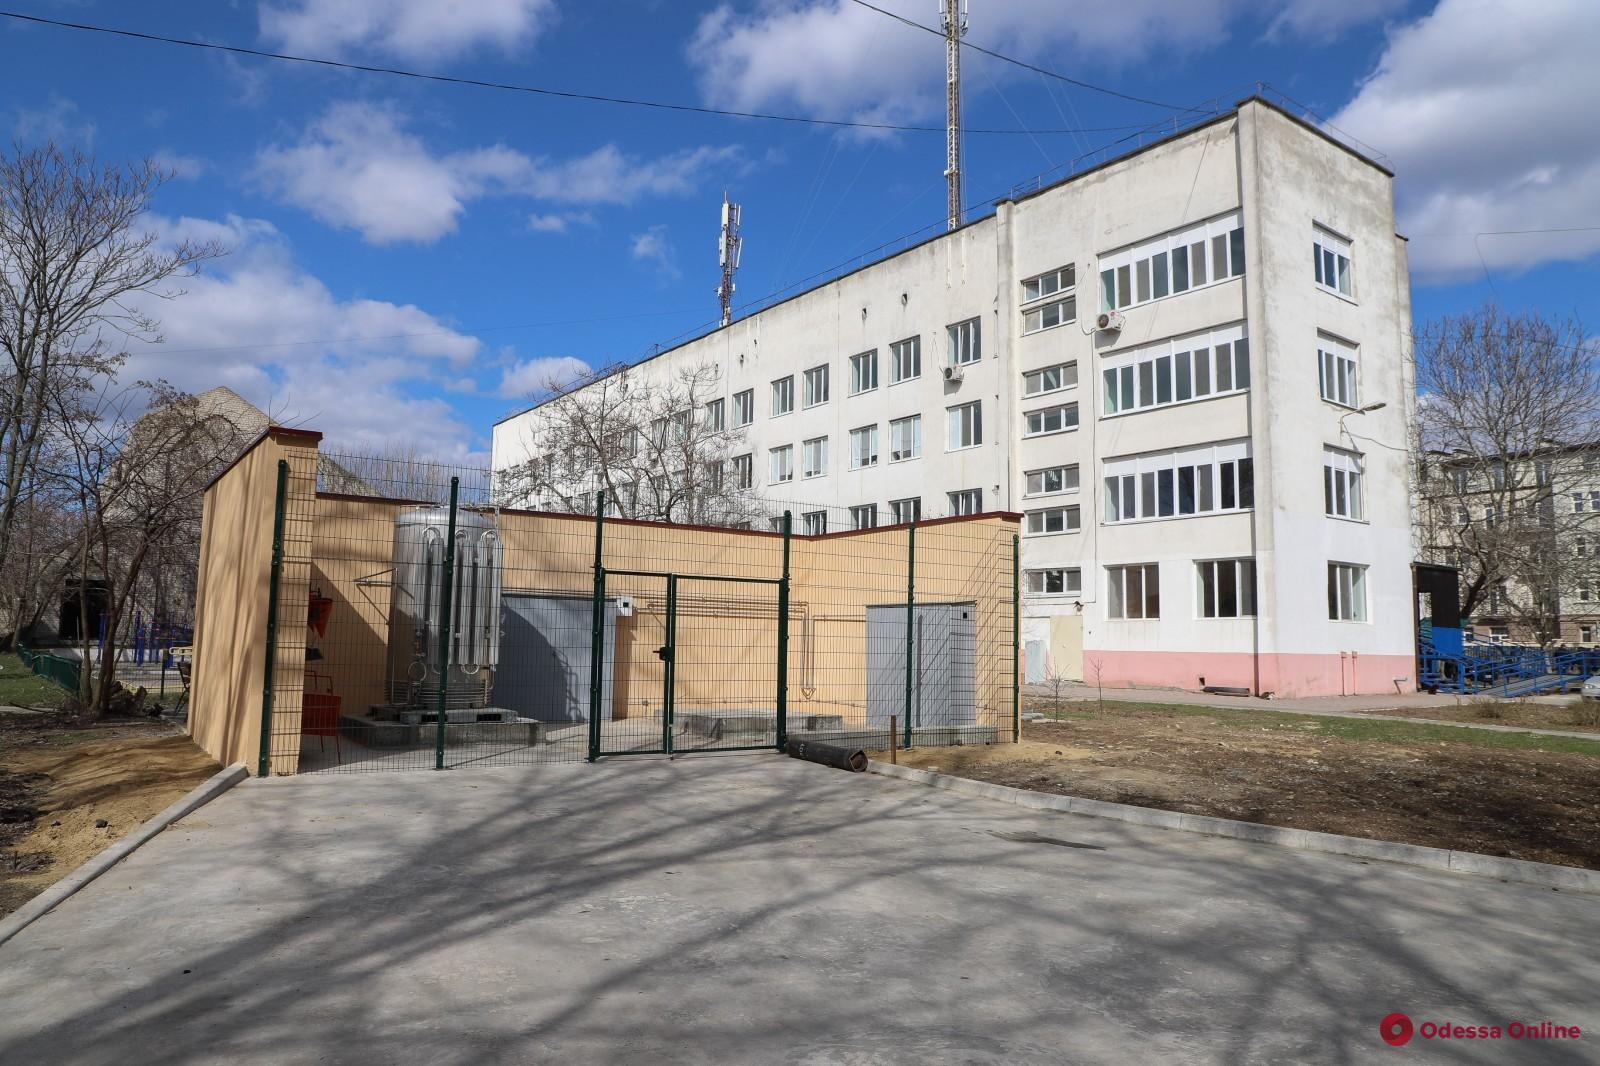 В одесских больницах увеличивают число кислородных точек